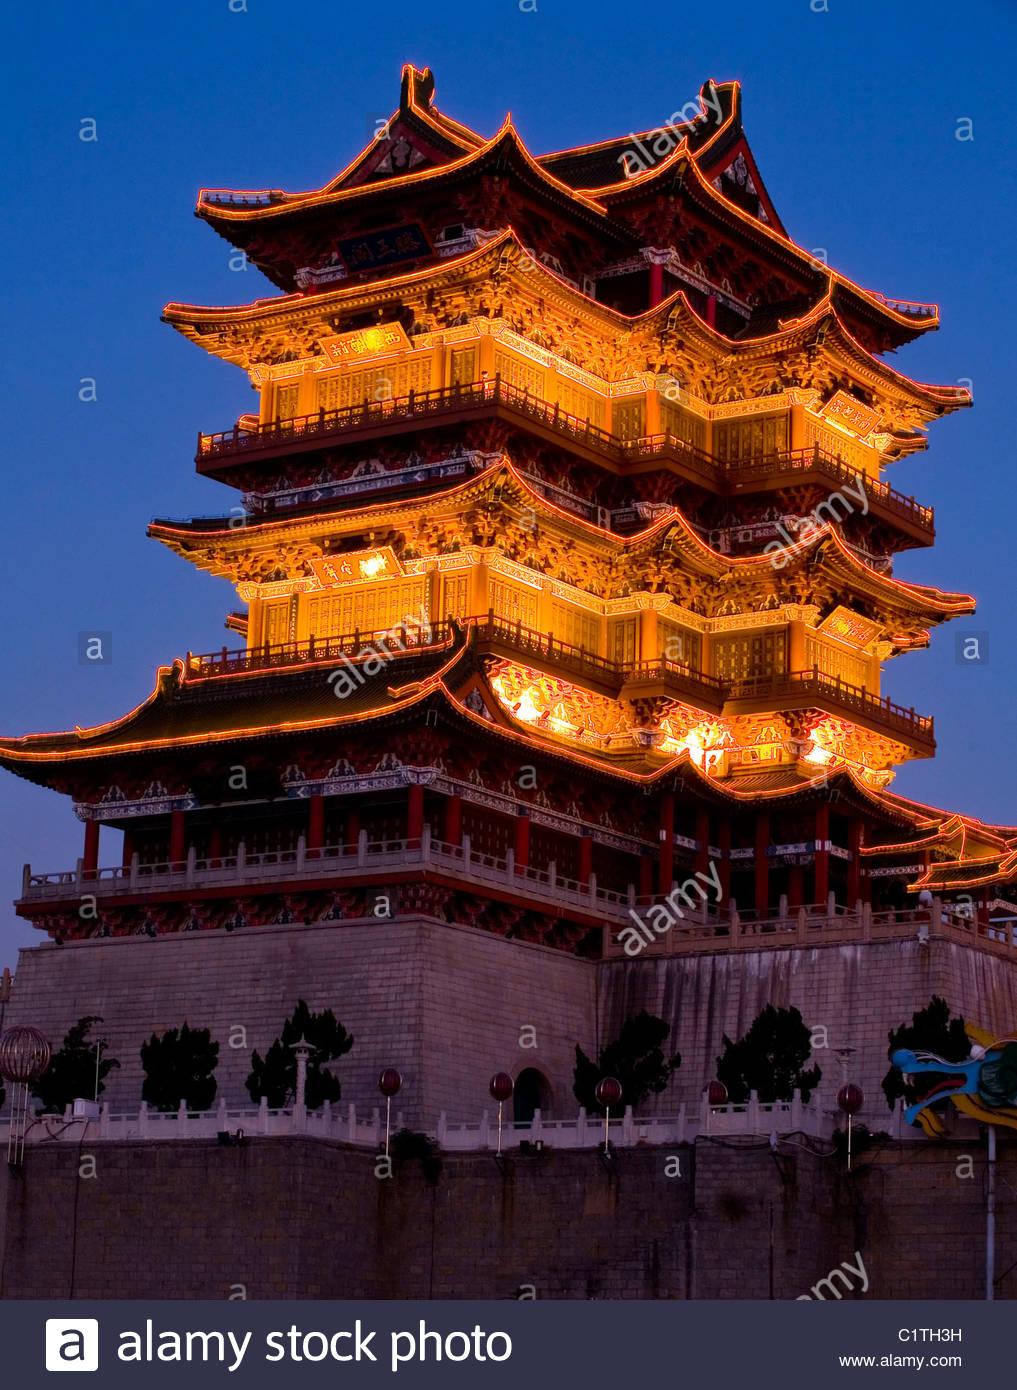 Nanchang jiangxi china